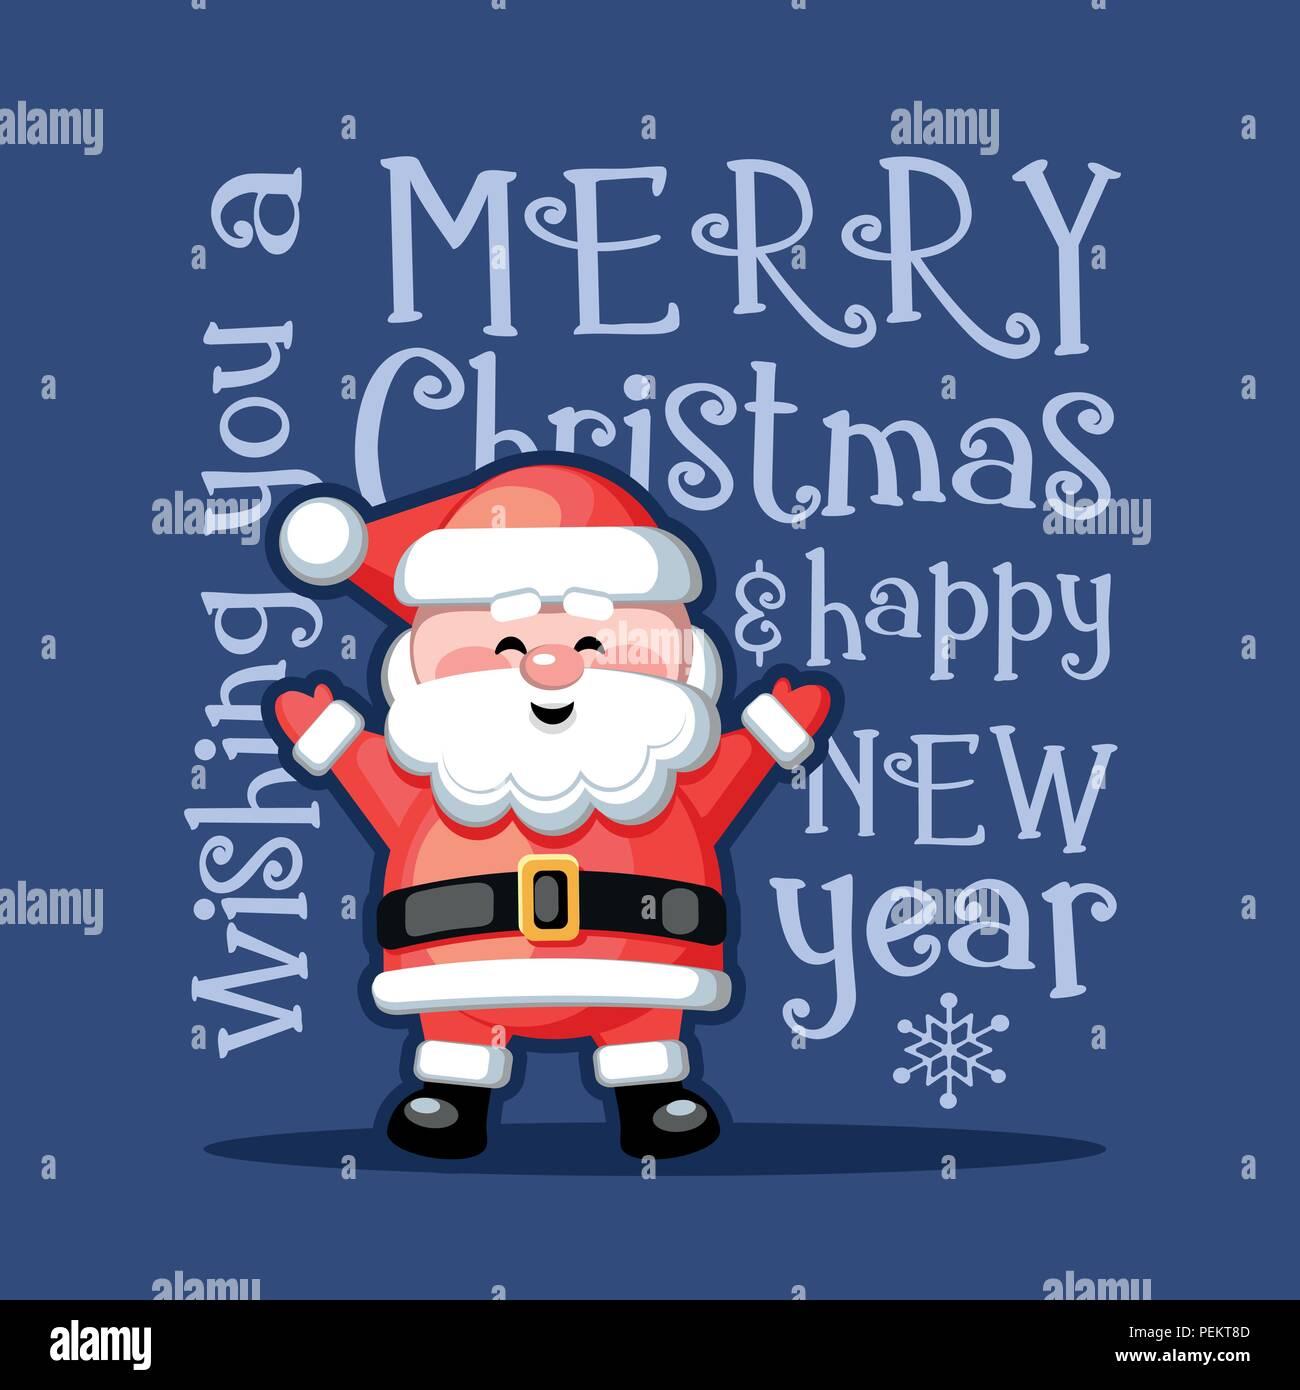 Foto Divertenti Di Buon Natale.Buon Natale E Felice Anno Nuovo Biglietto Di Auguri Divertente Con